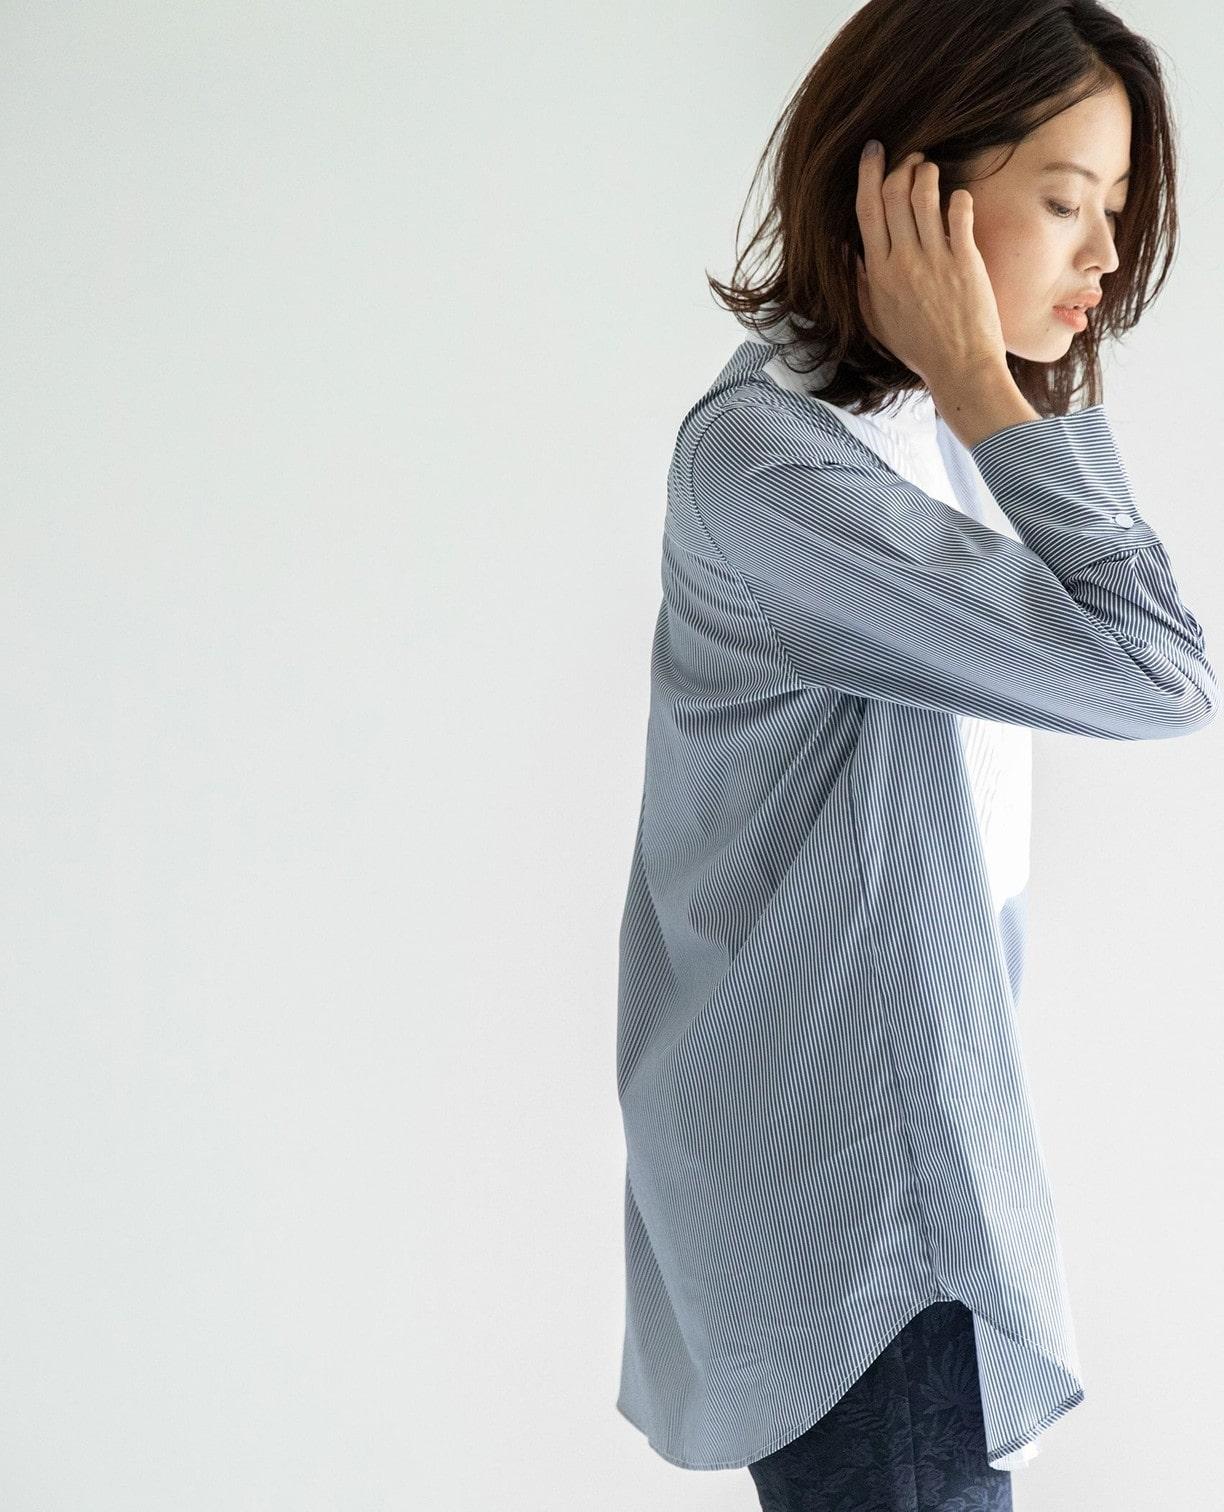 ピエゴリーネバンドカラーストライプシャツ